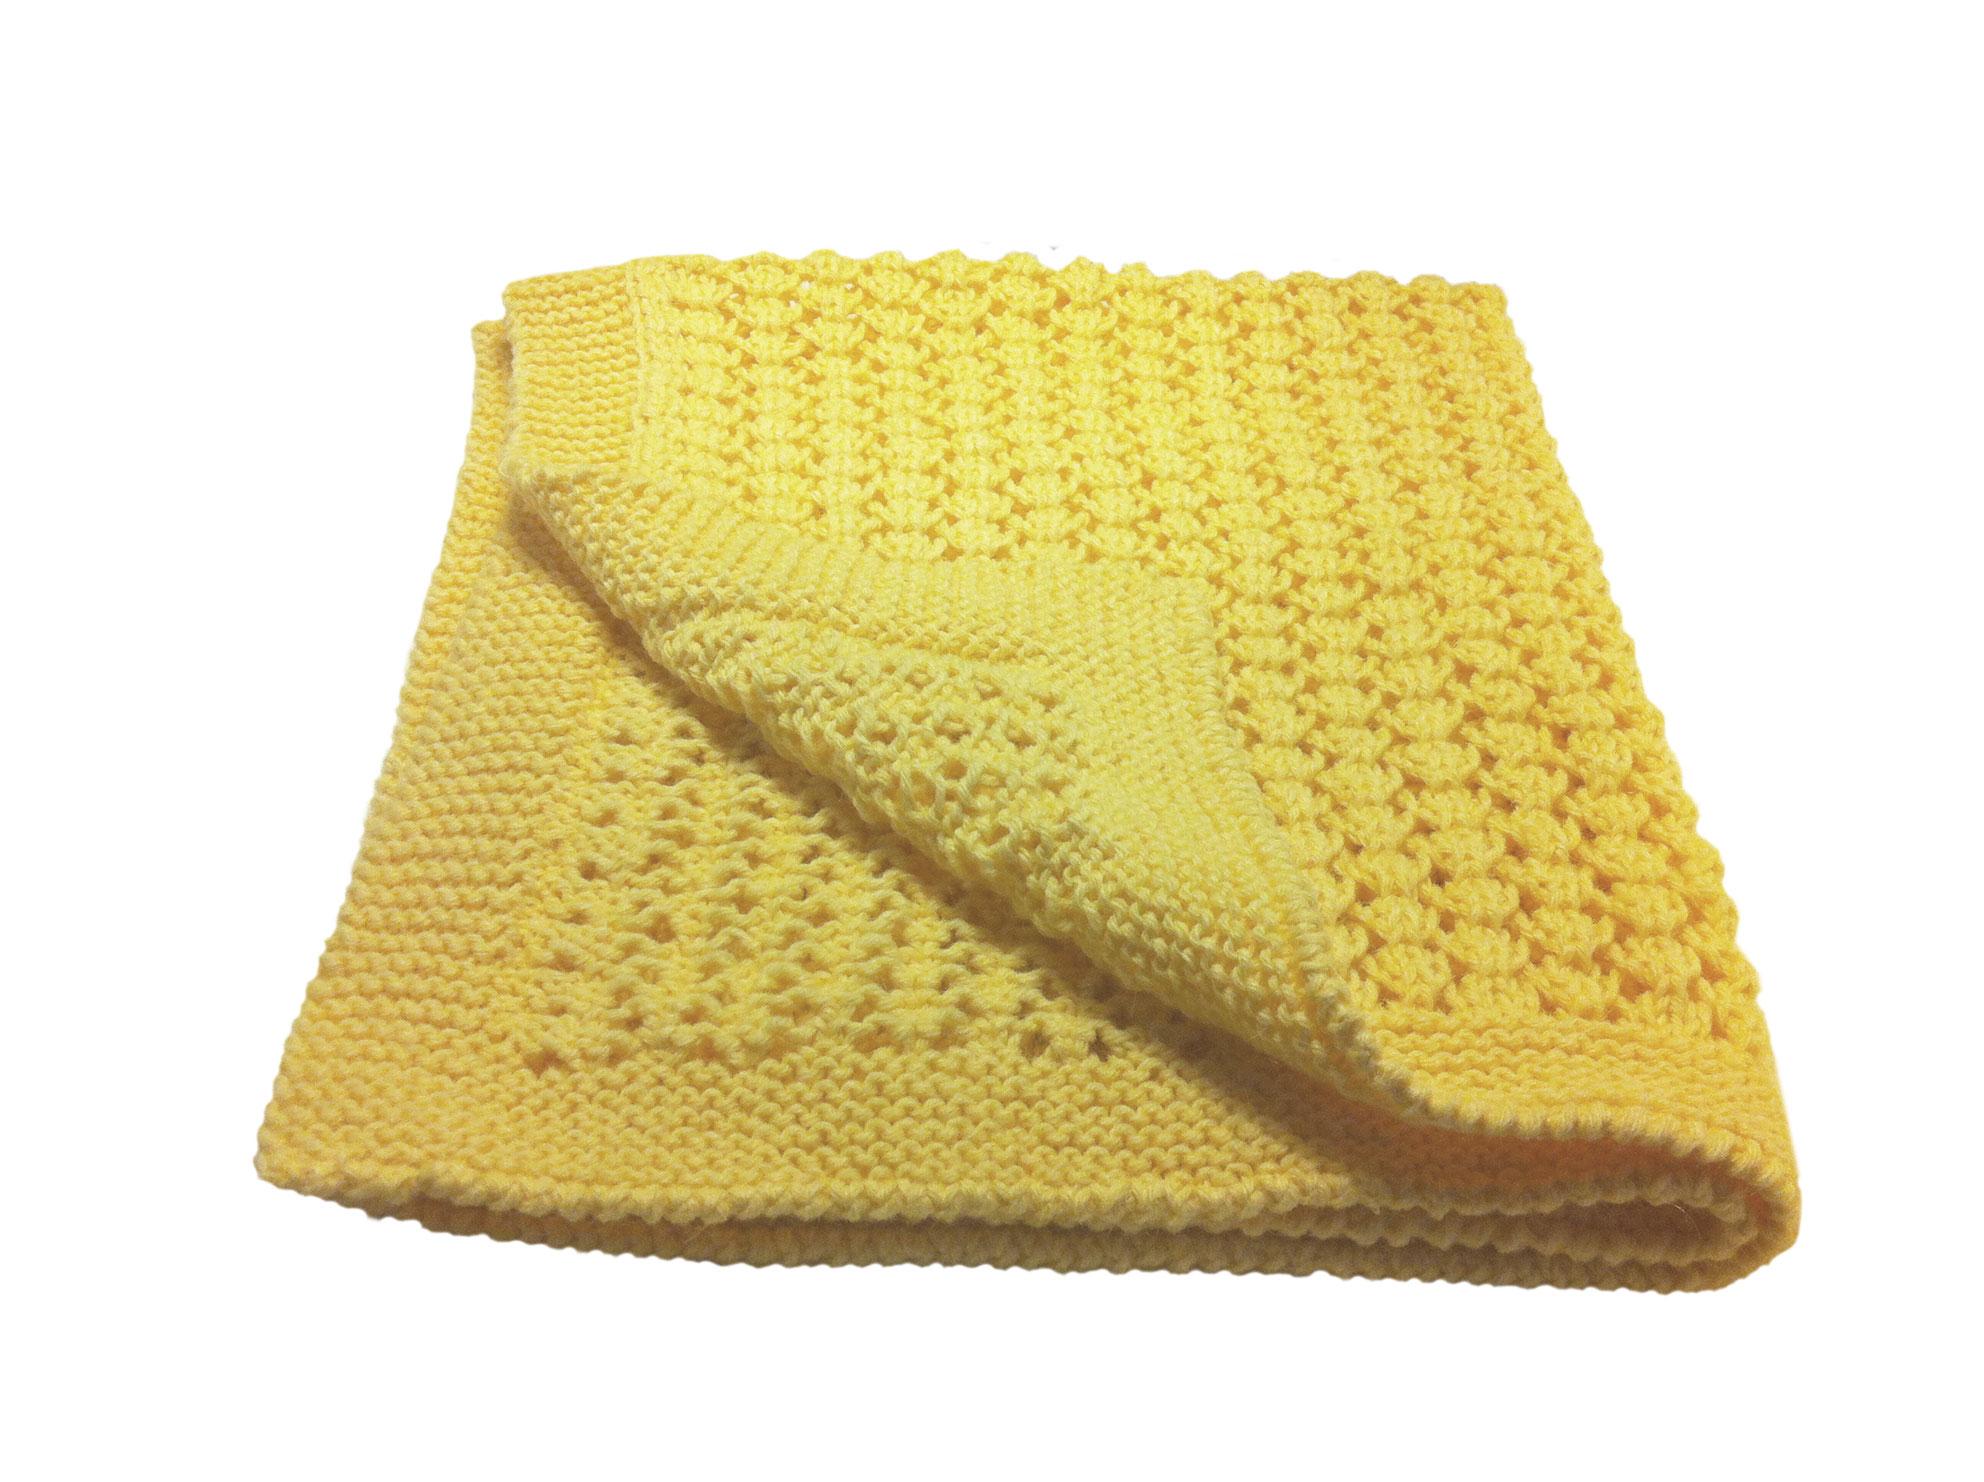 Copertina culla 65cm x 85cm lana colore giallo bimbi a for Culla azzurra